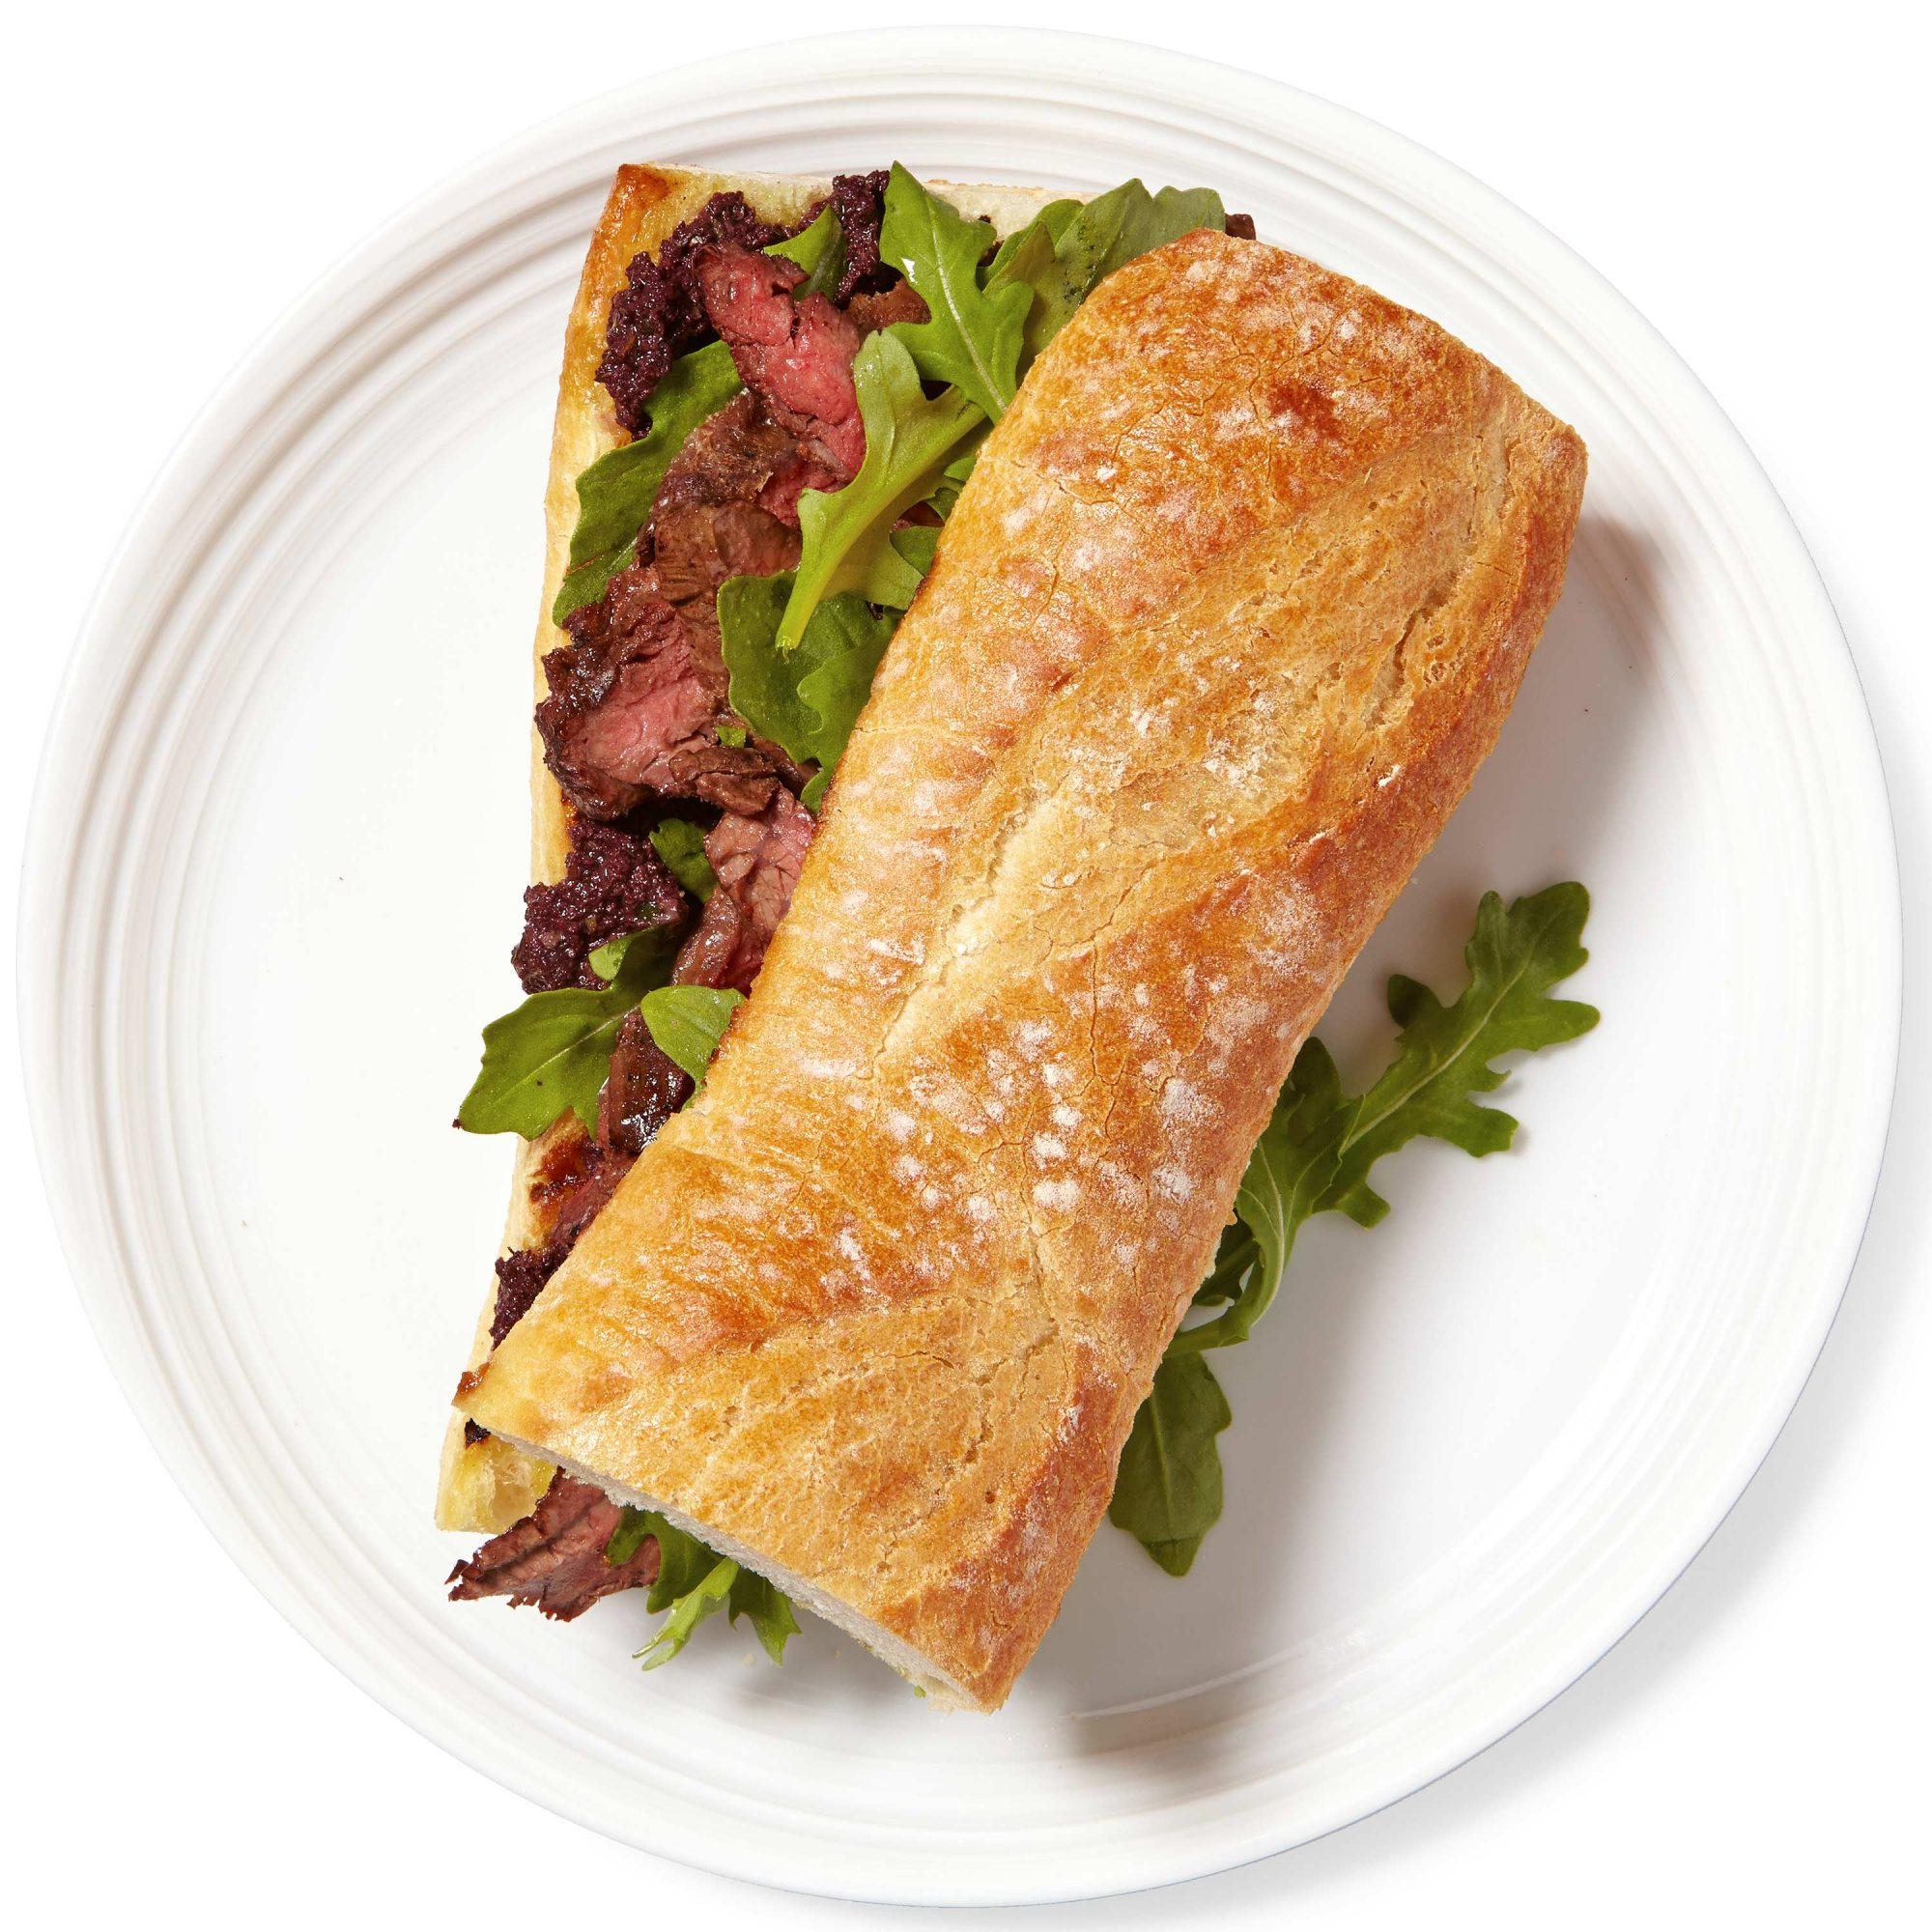 Steak & Olive Tapenade Sandwich